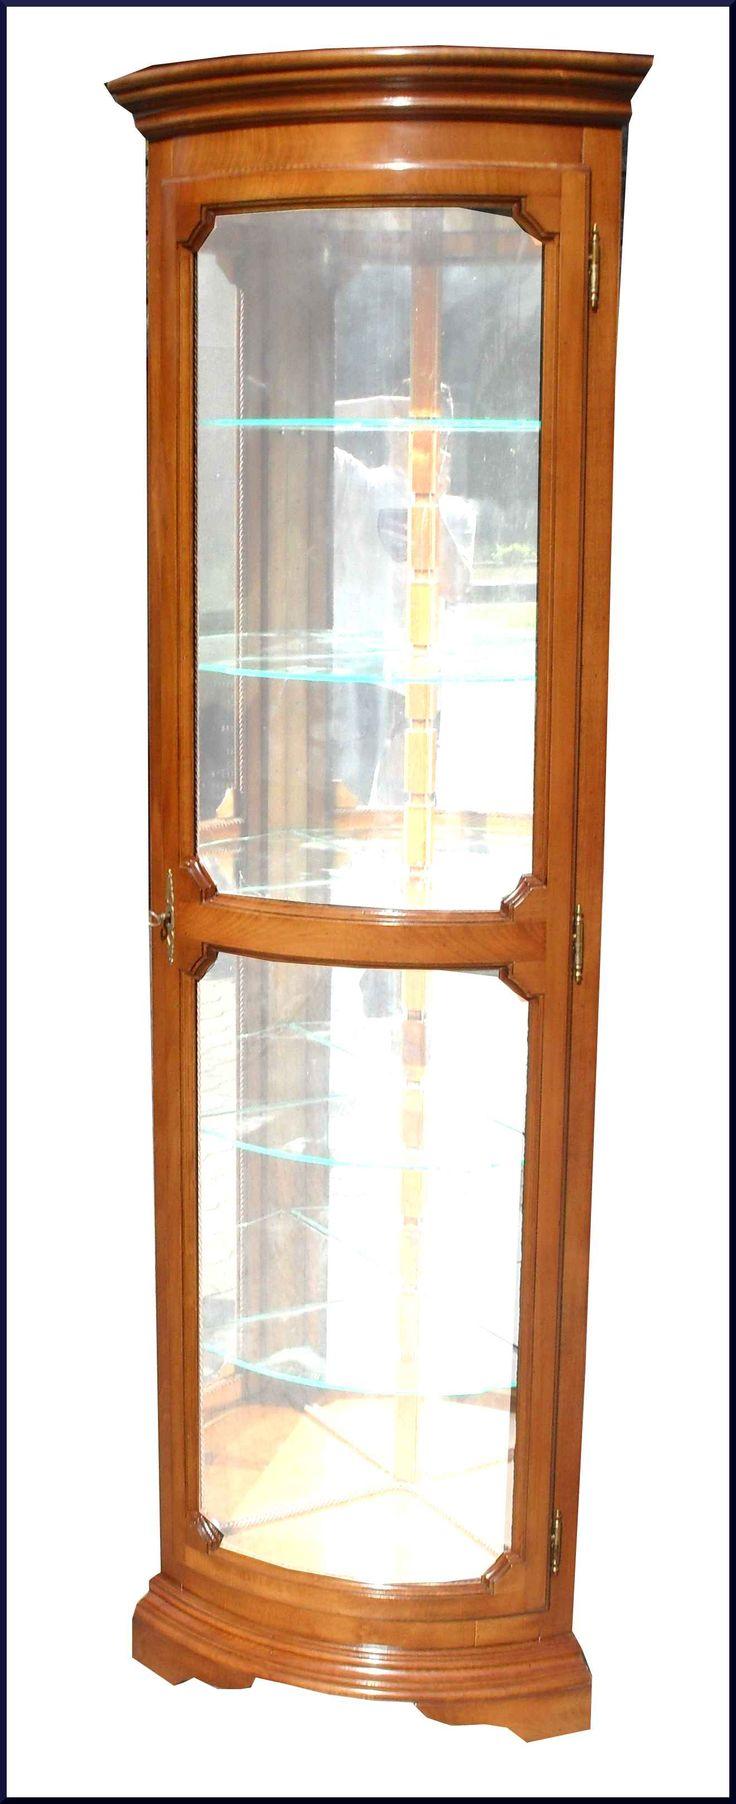 Angoliera cantonale anta curva con specchi